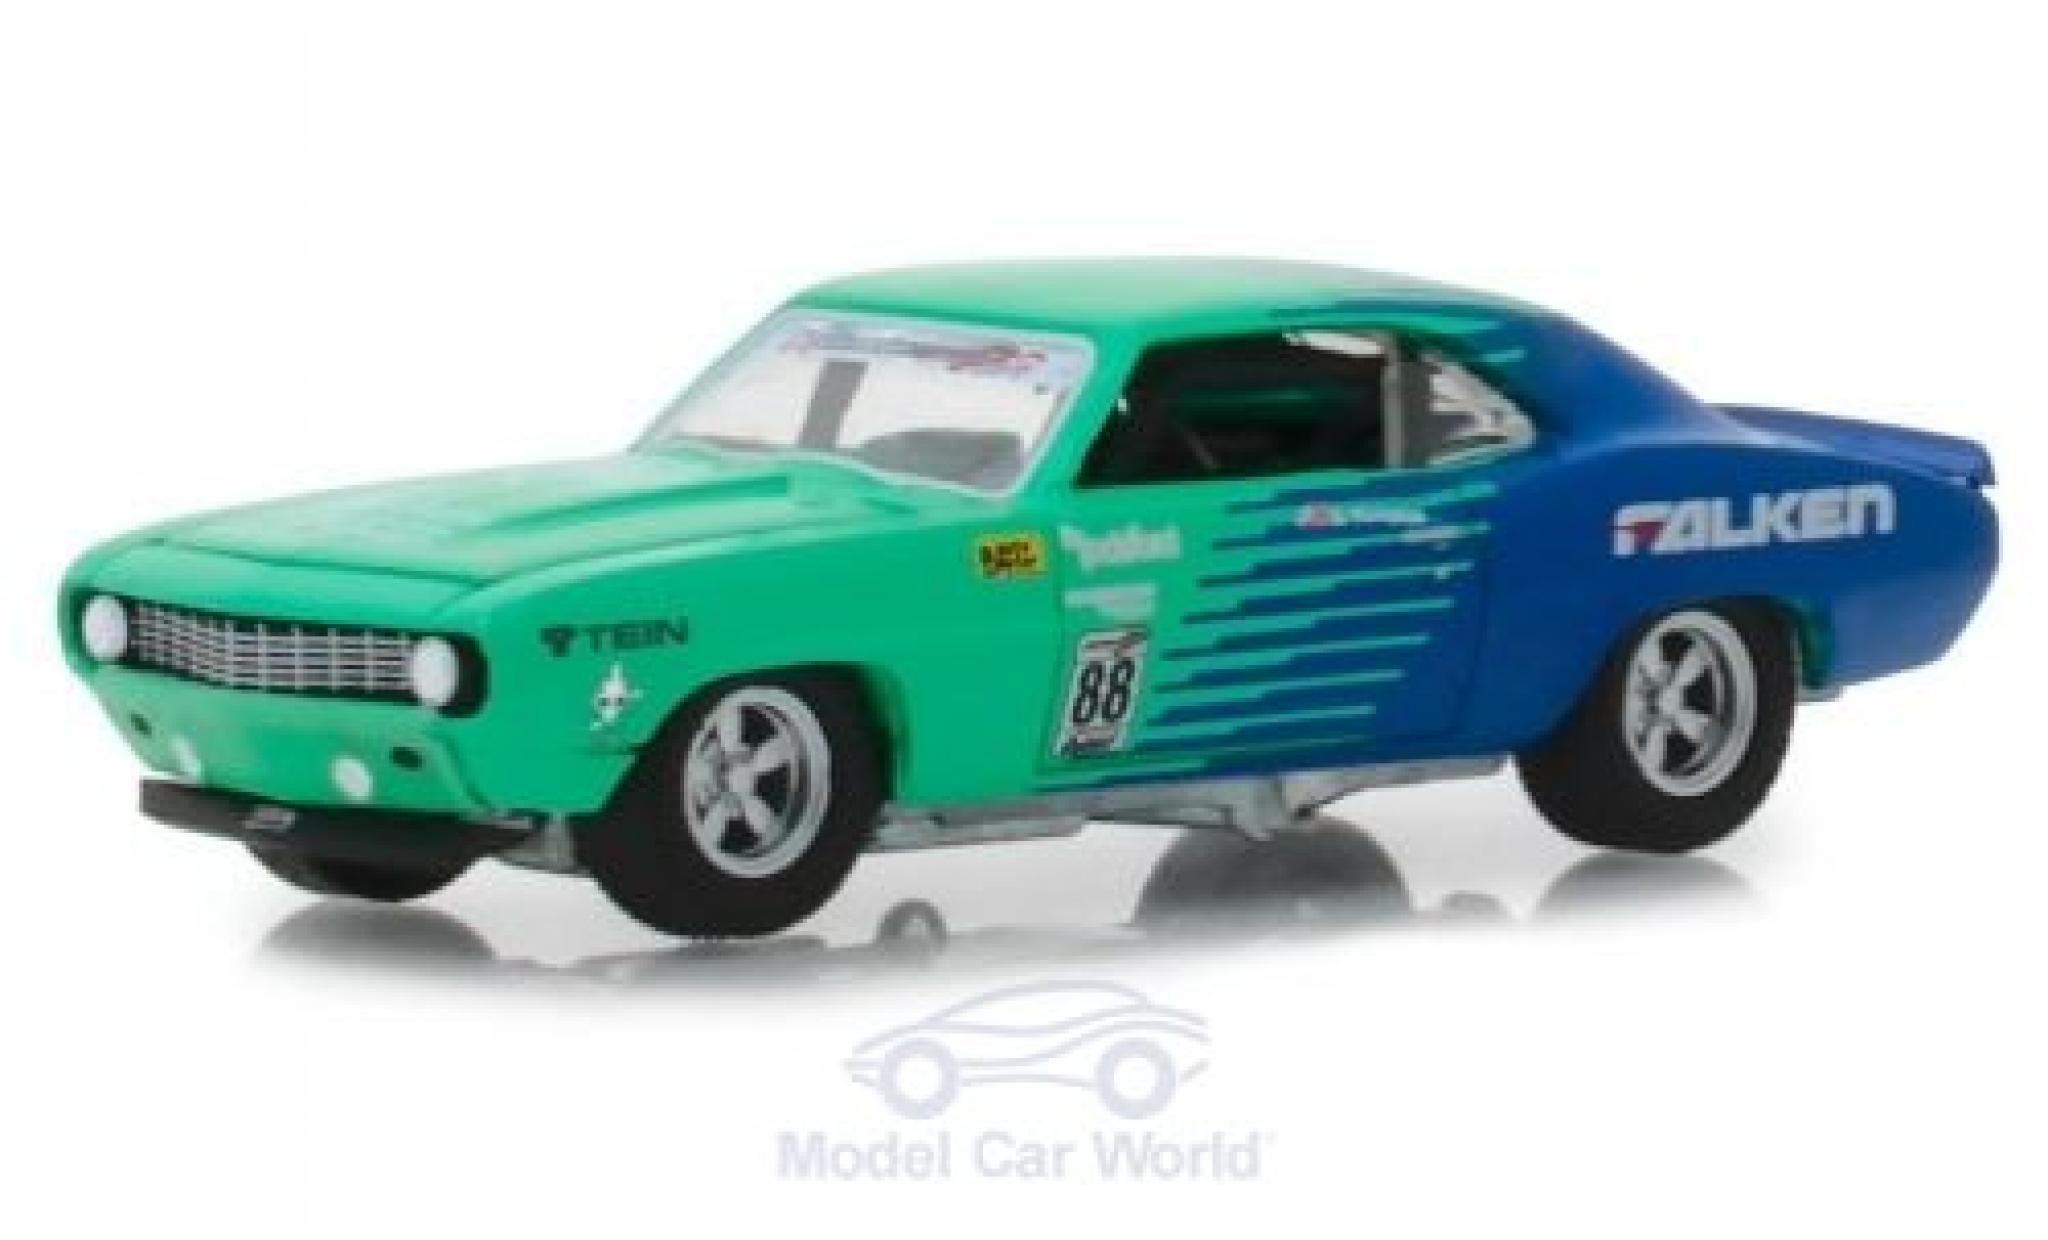 modello di auto 1:18//Greenlight Collectibles CHEVROLET Camaro z//28 1978 bianco